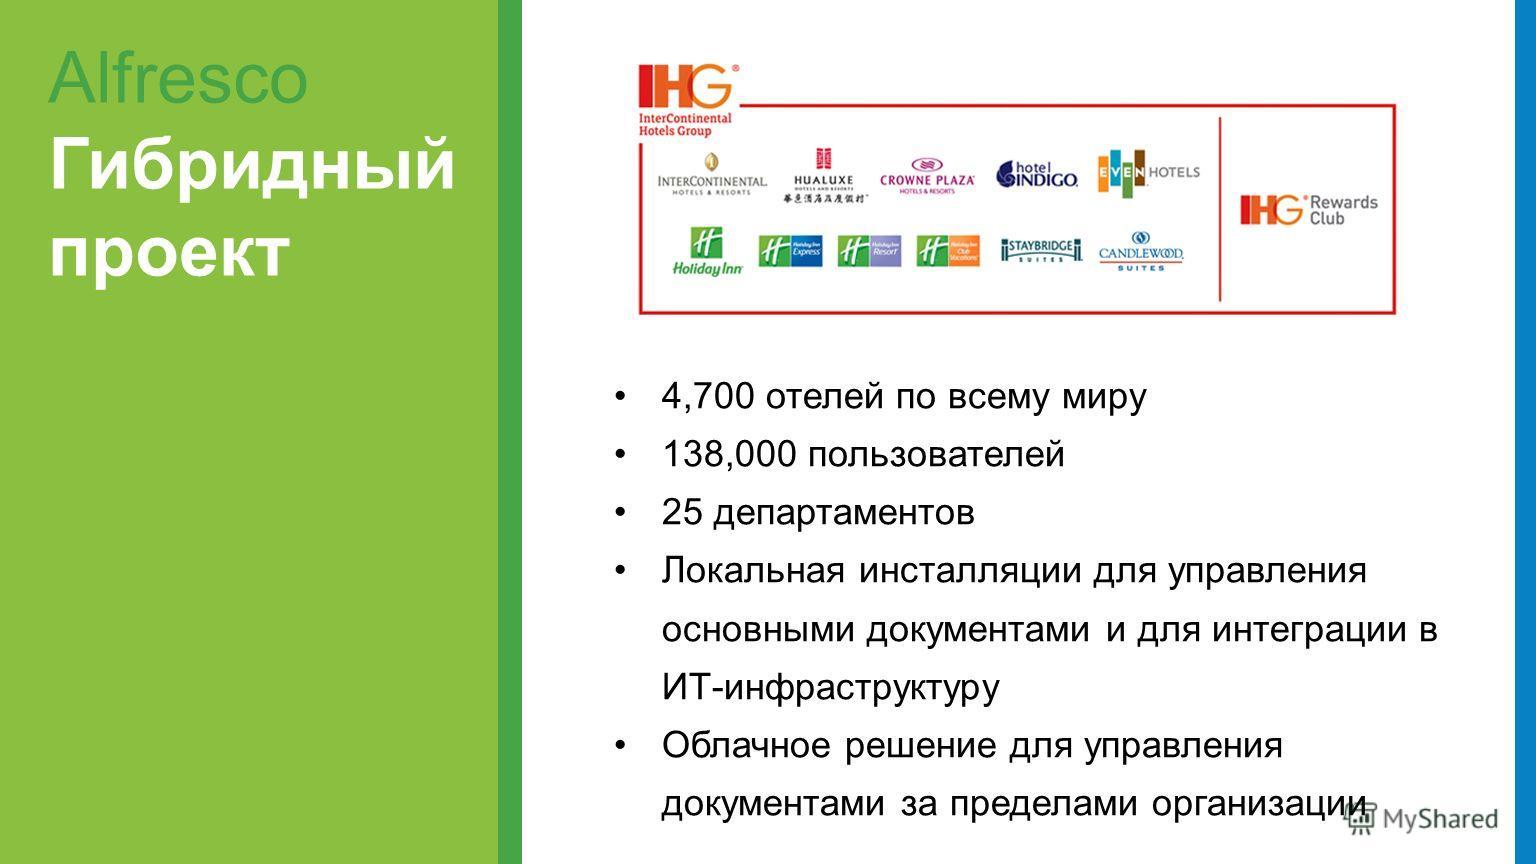 Гибридный проект 4,700 отелей по всему миру 138,000 пользователей 25 департаментов Локальная инсталляции для управления основными документами и для интеграции в ИТ-инфраструктуру Облачное решение для управления документами за пределами организации